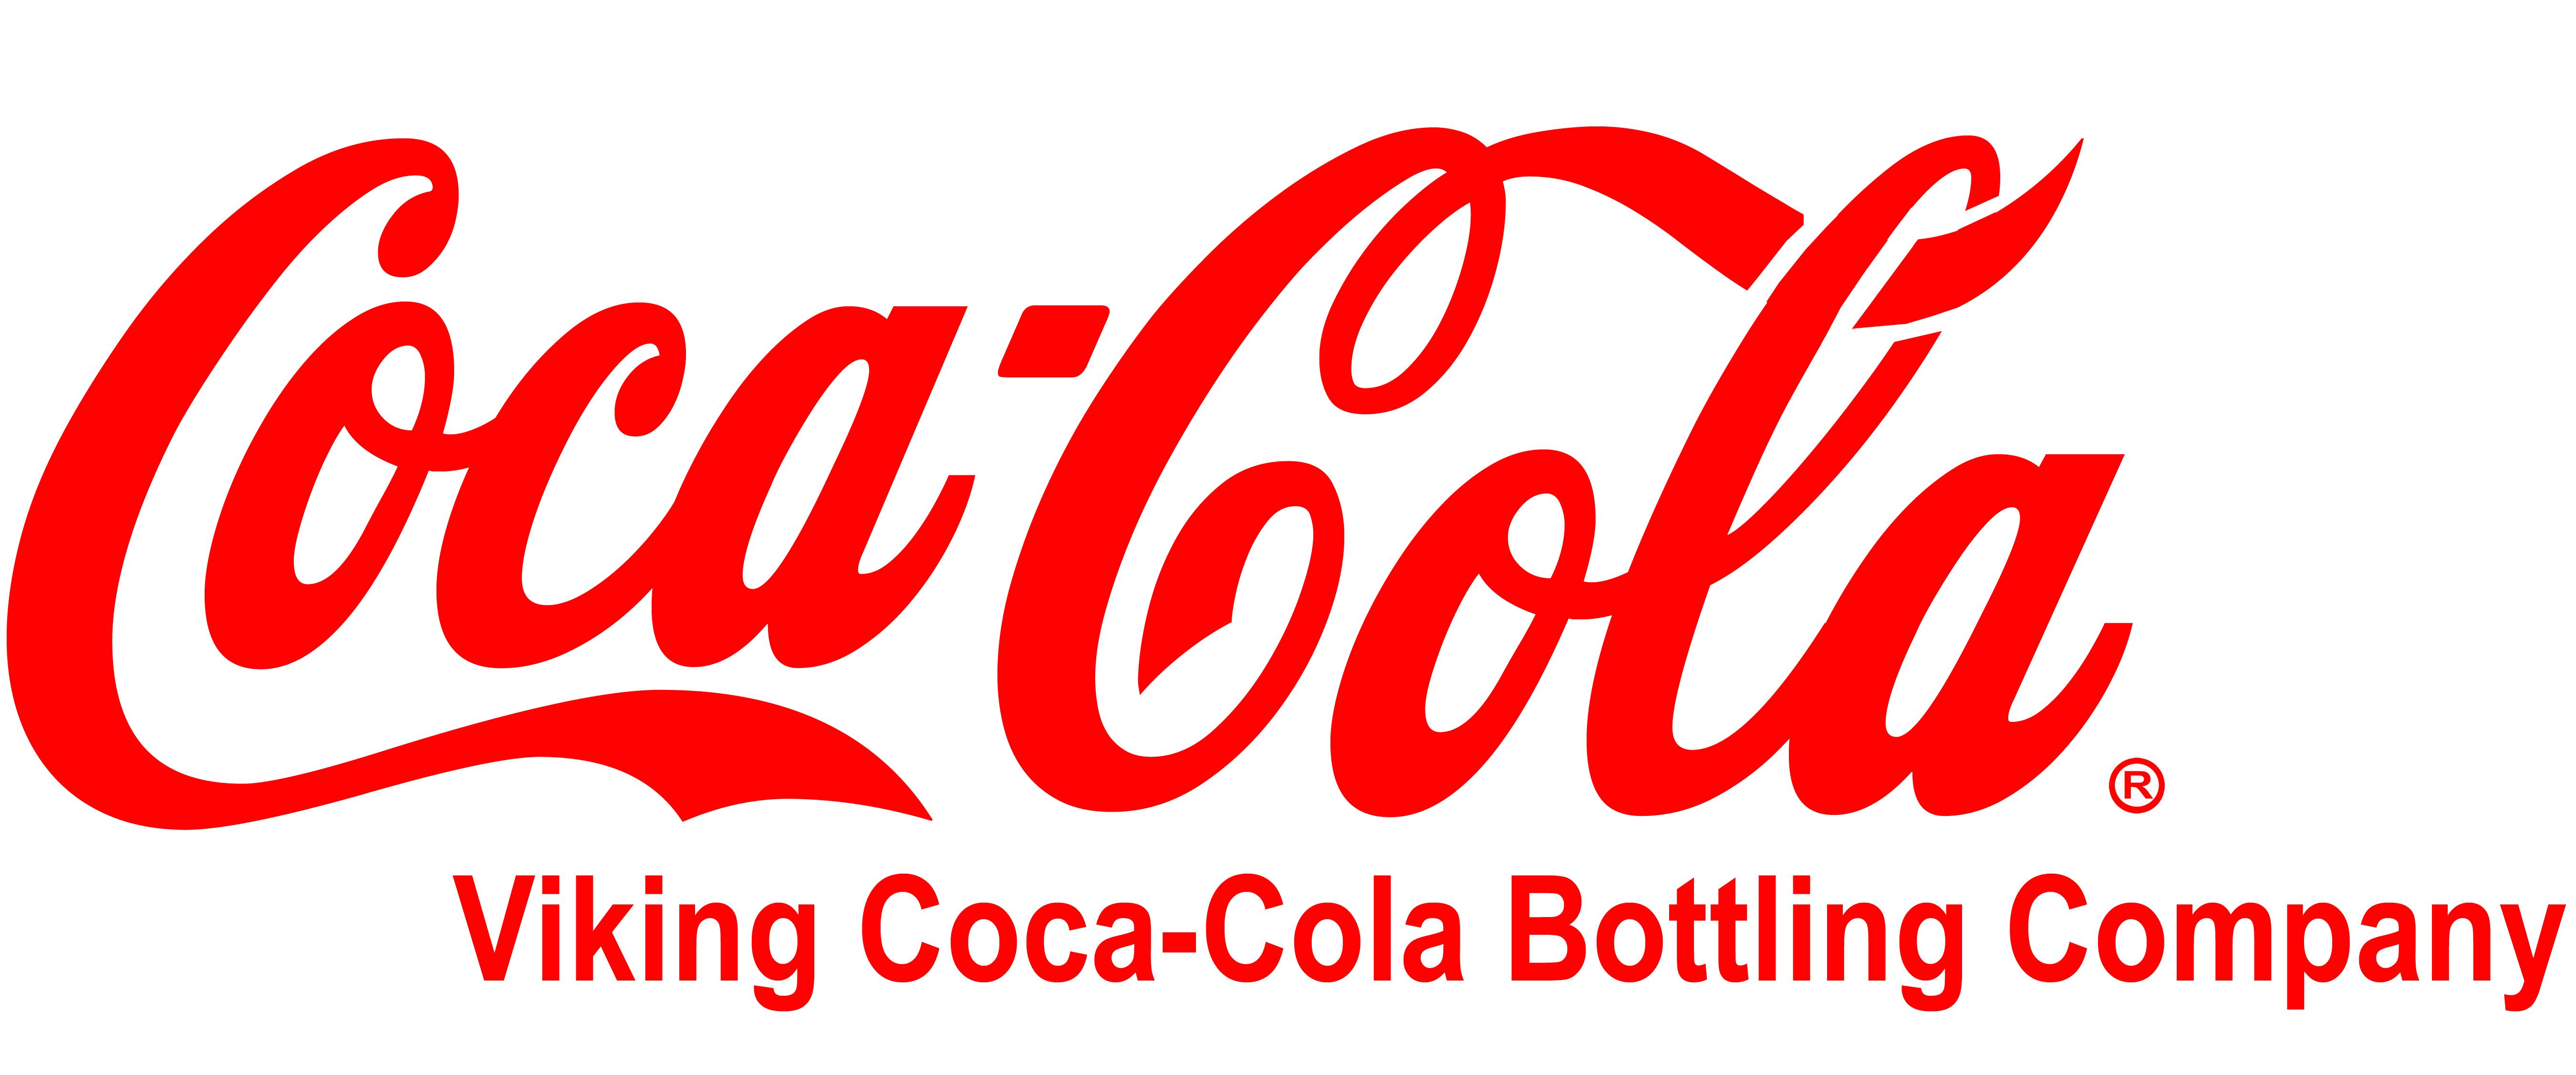 Viking Coca-Cola Script Logo